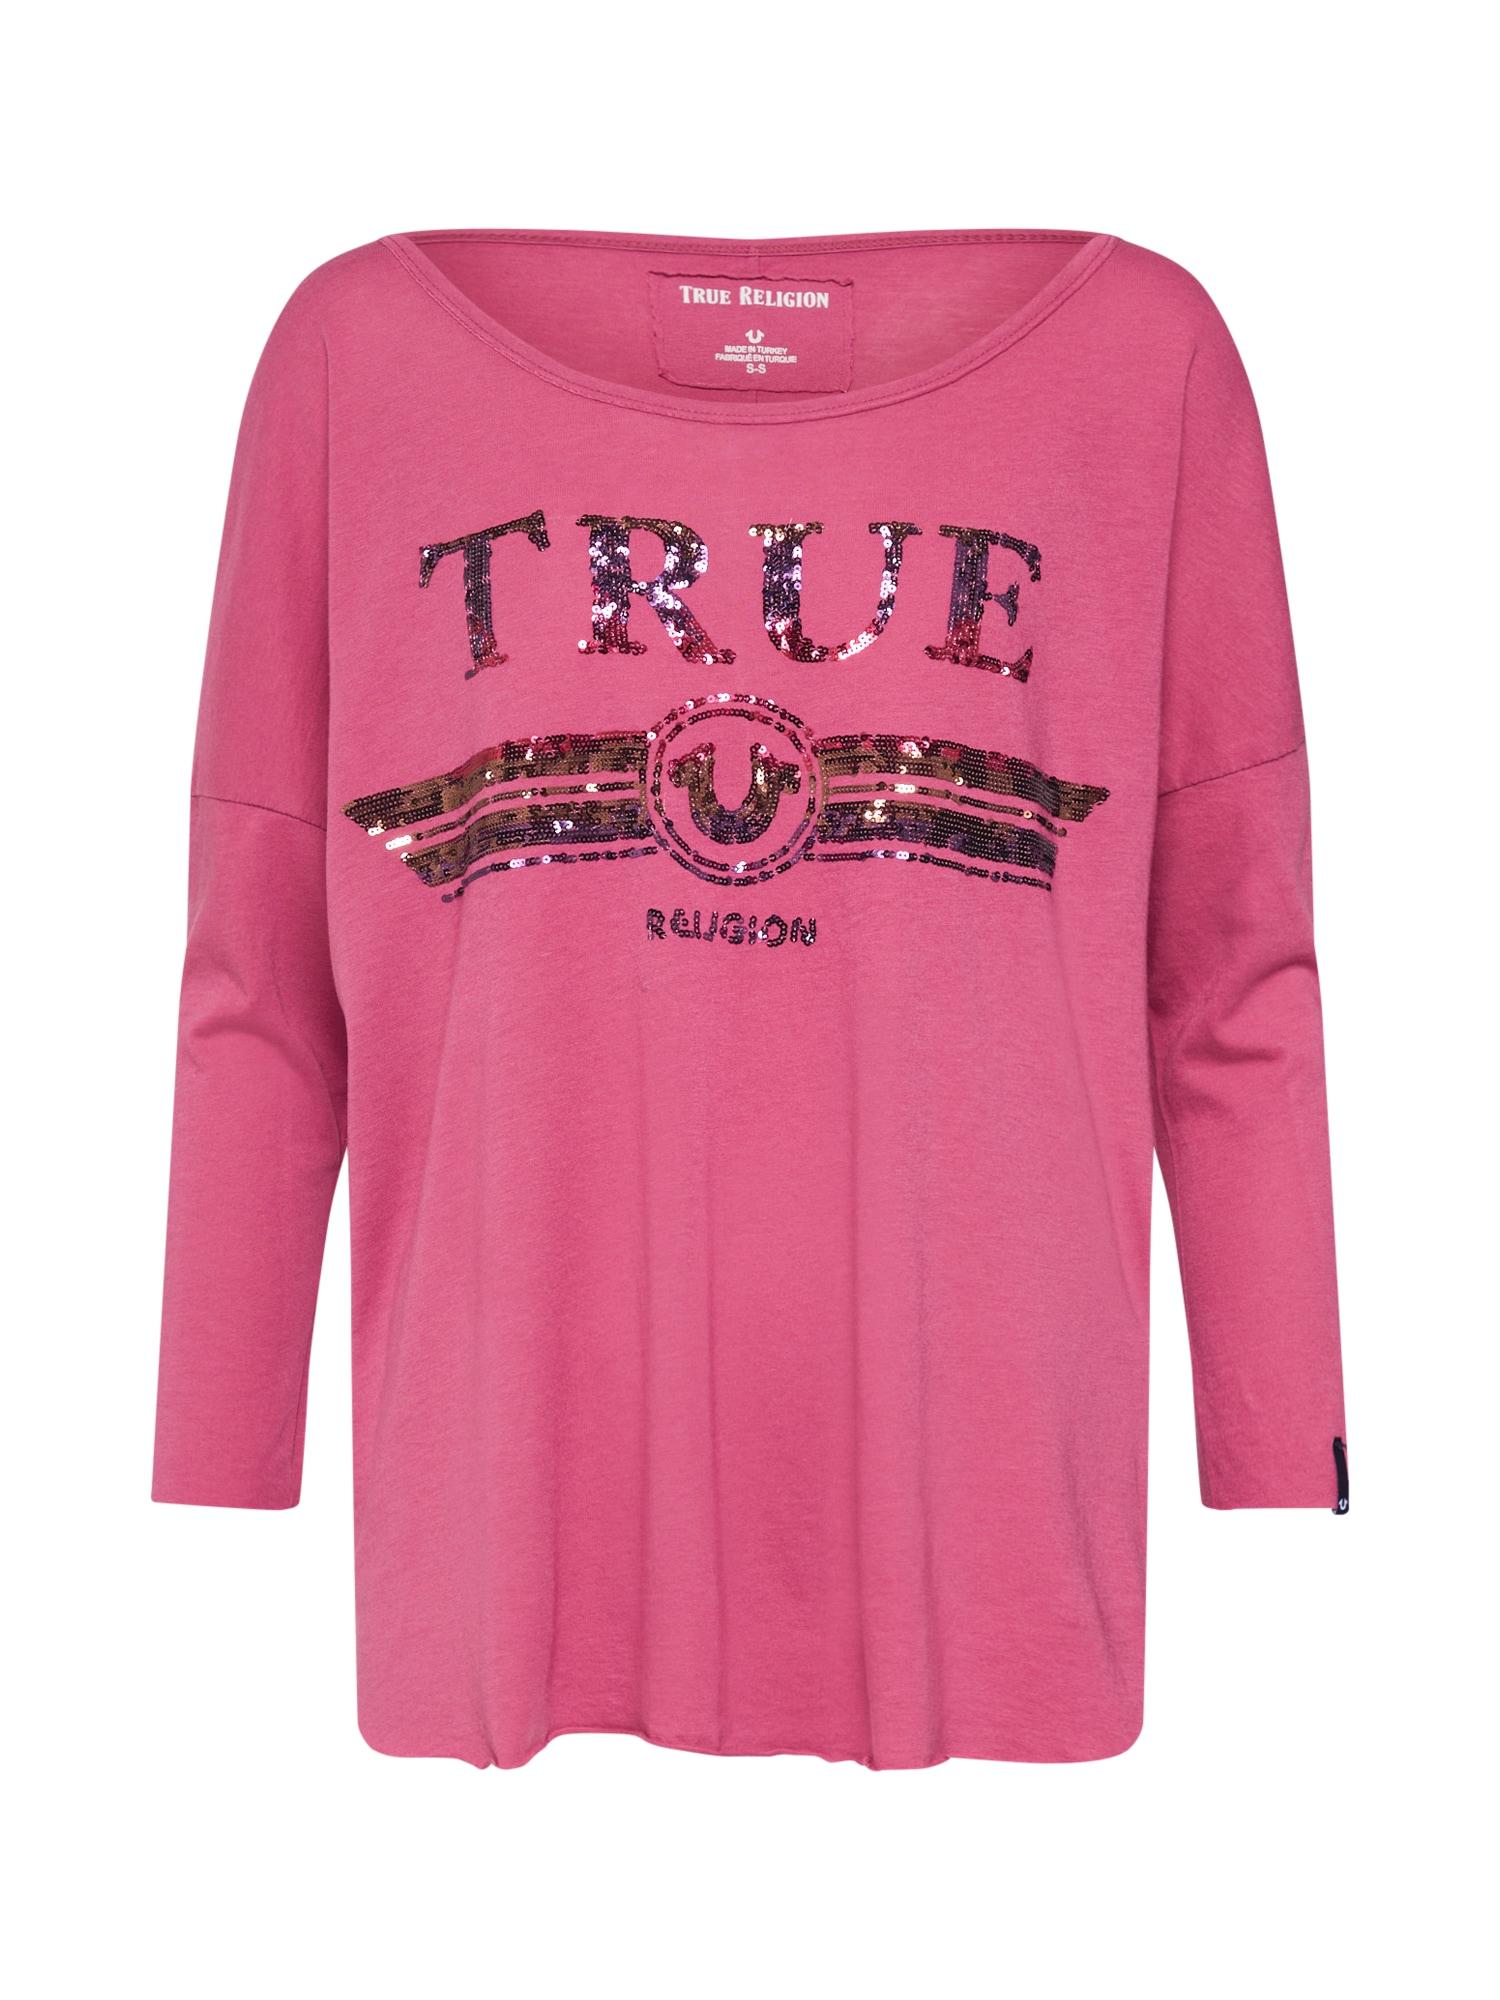 Tričko LS TRUCCI pink True Religion